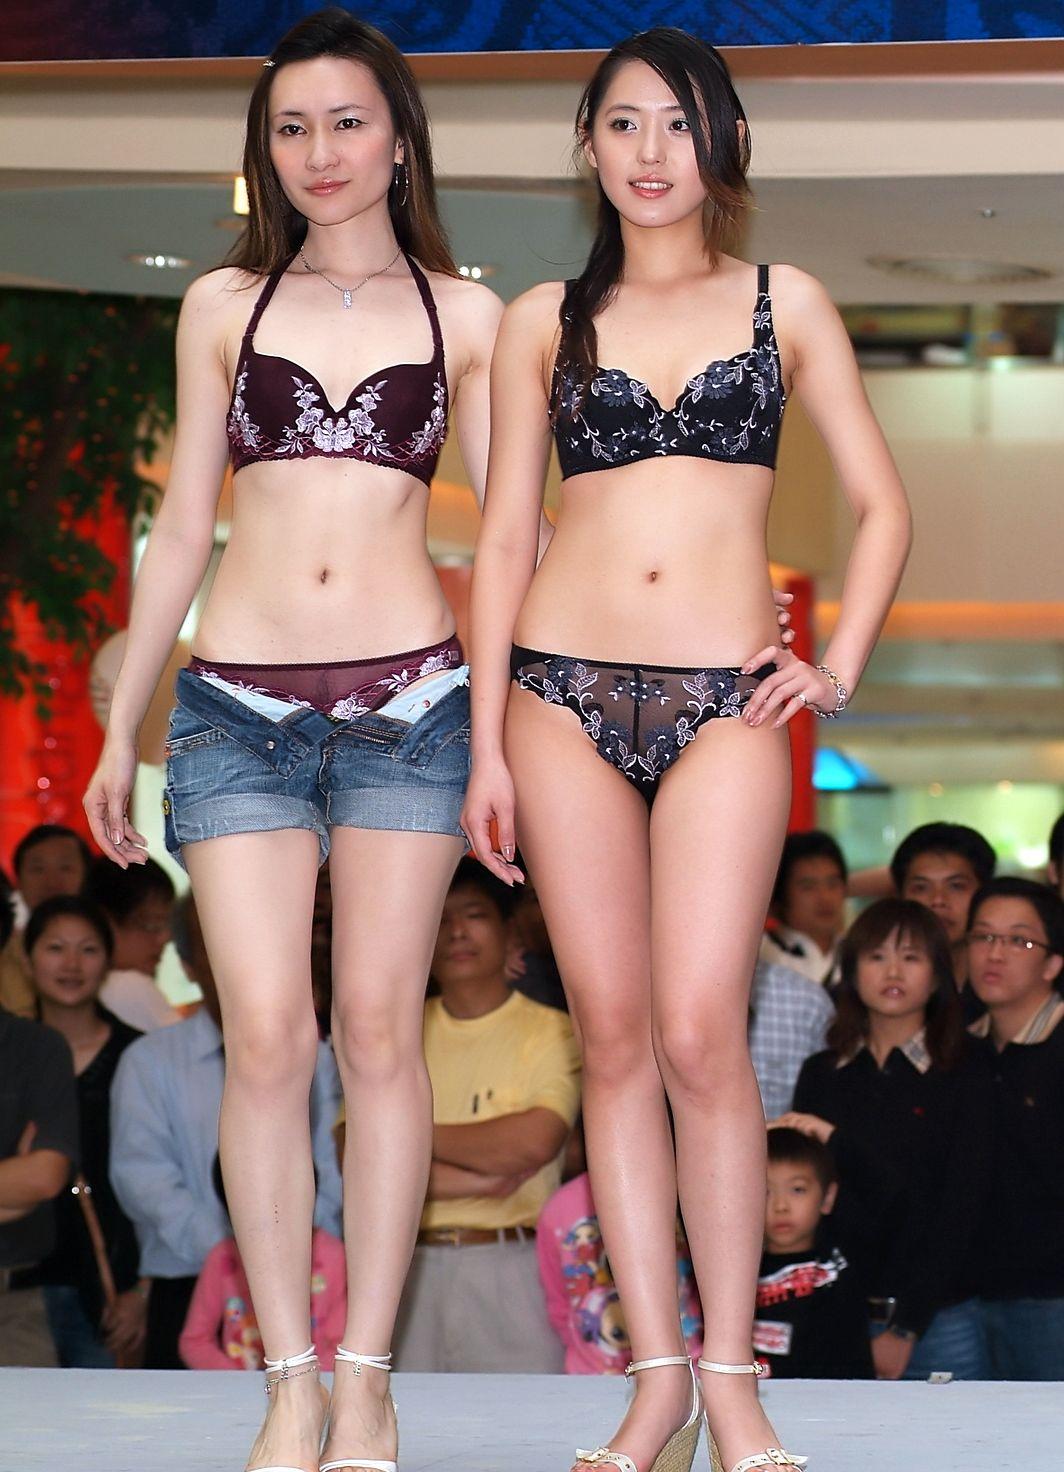 中国人美女の下着モデルのファッションショー…マン毛透けてるのは気のせいだろうか?wwwww(画像あり)・26枚目の画像